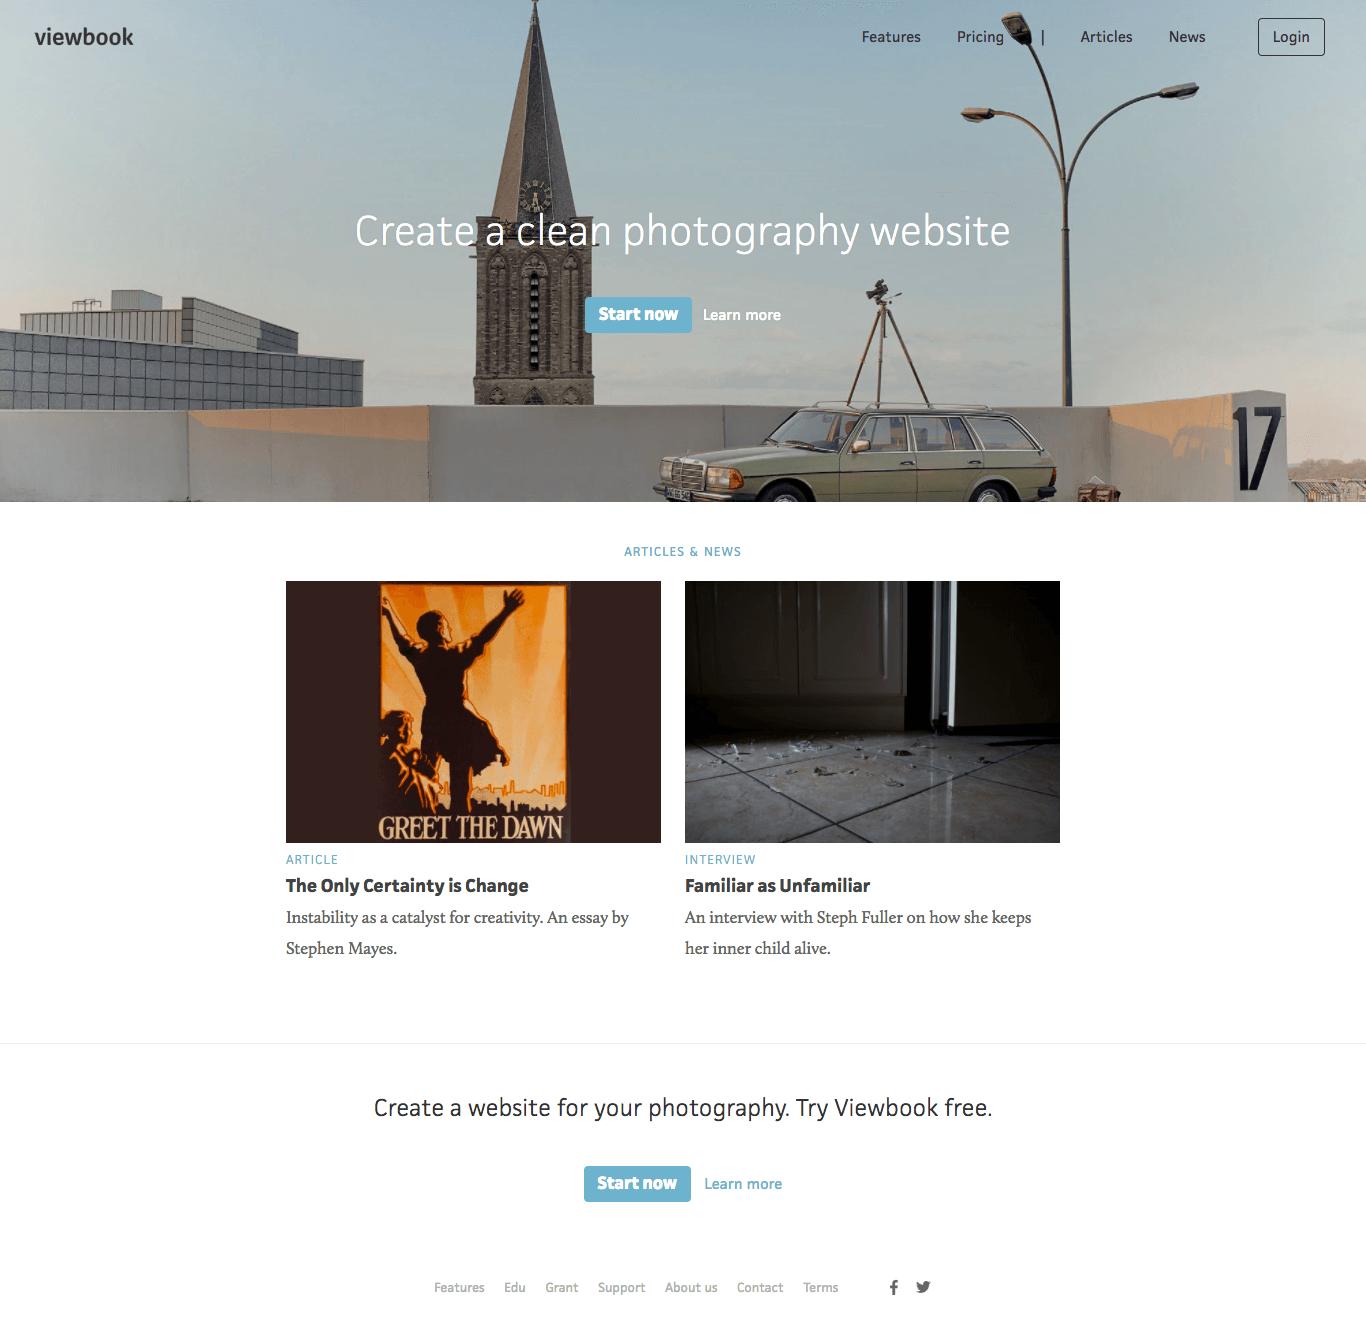 ViewBook เด่นเรื่องการสร้าง Portfolio ออนไลน์ที่เรียบๆ และ คลีนๆ สะอาดตา